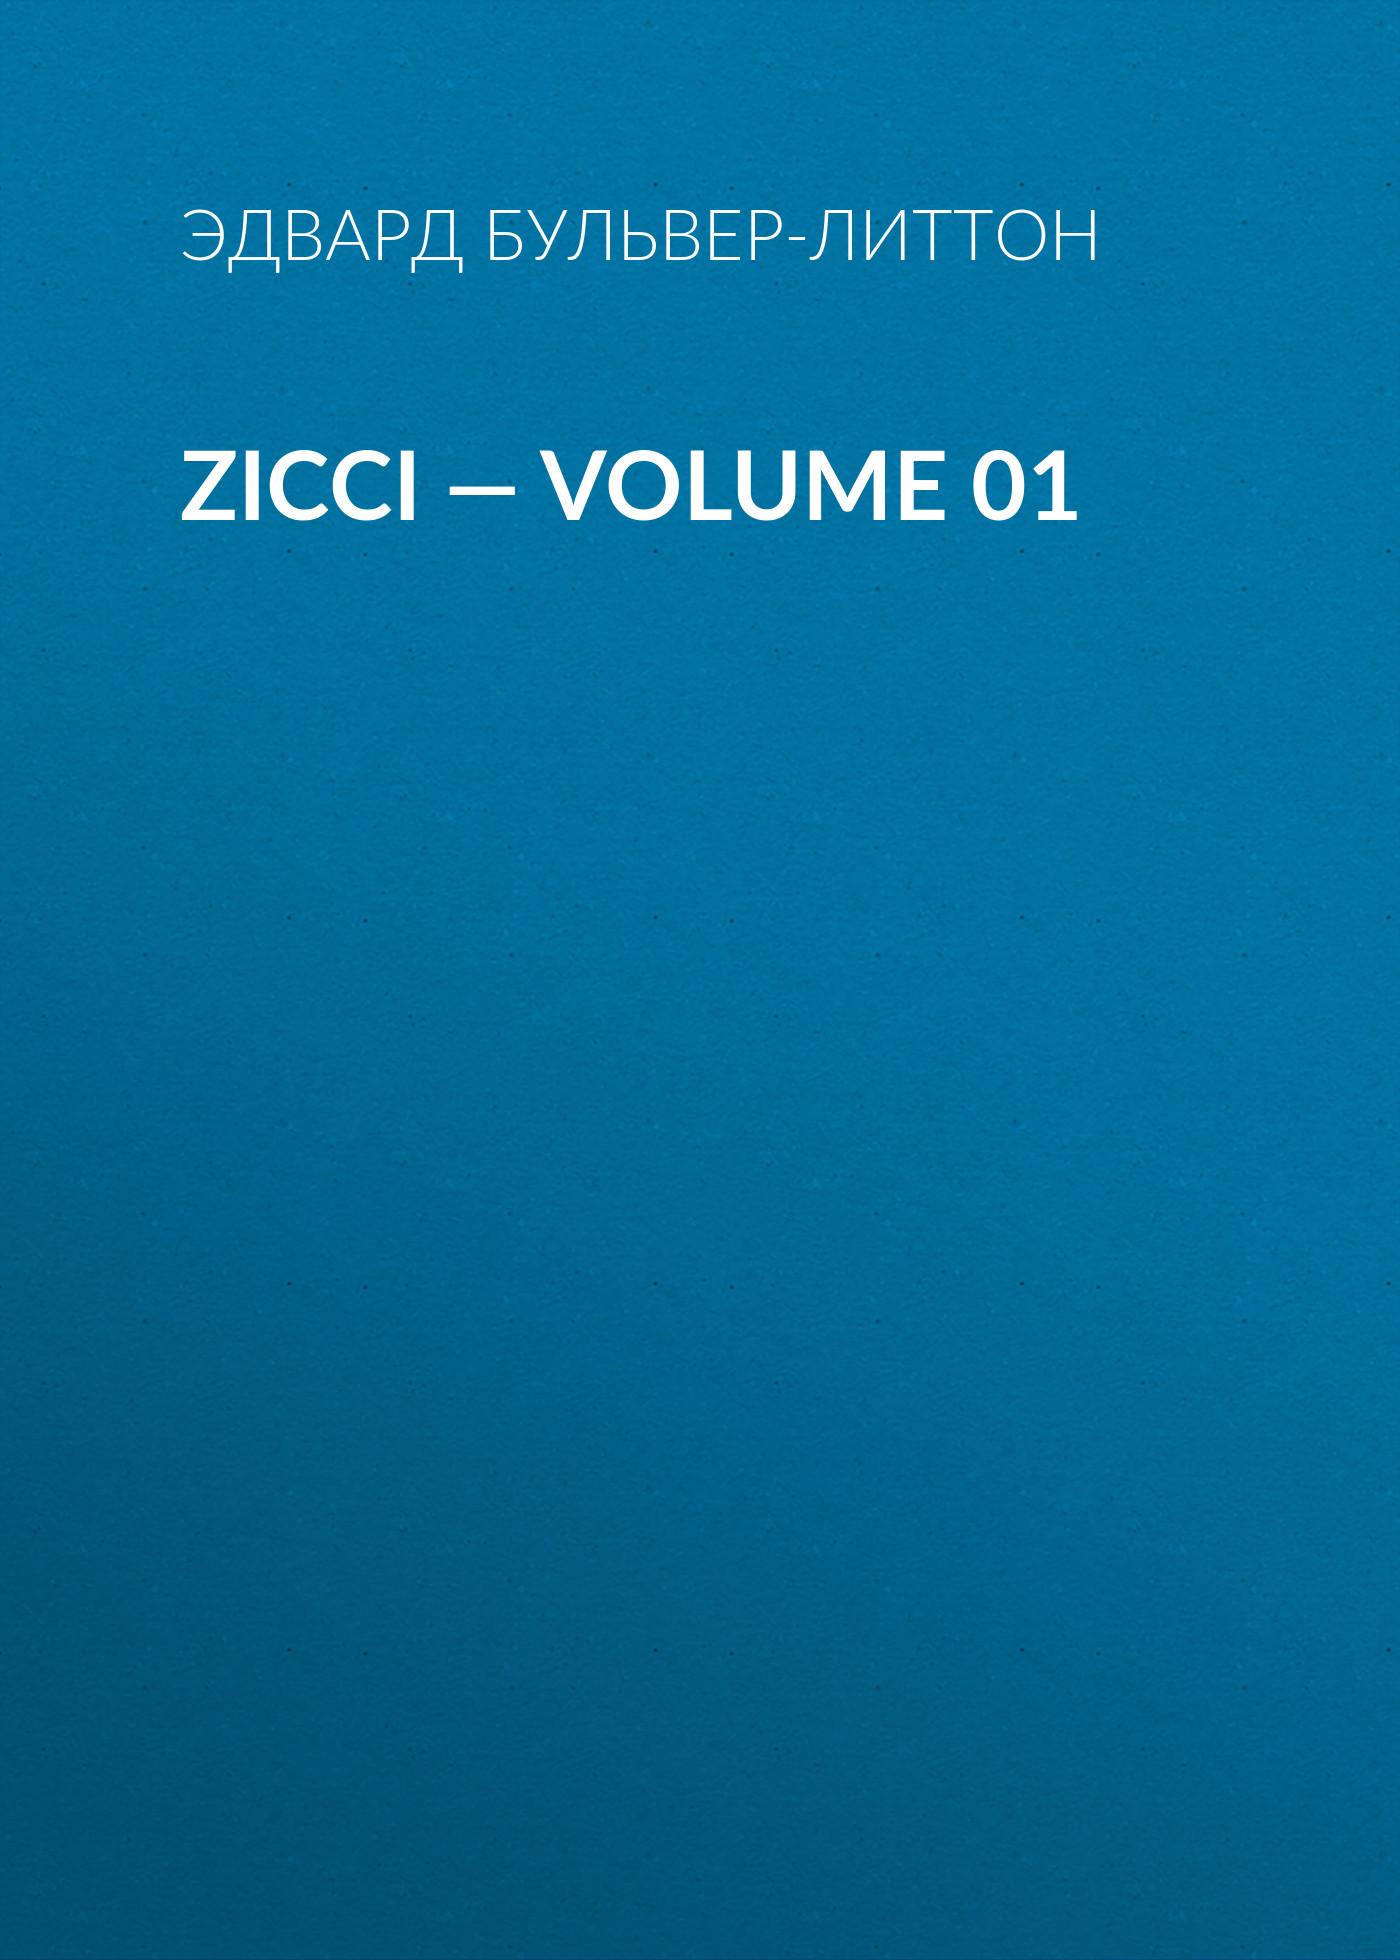 Zicci — Volume 01